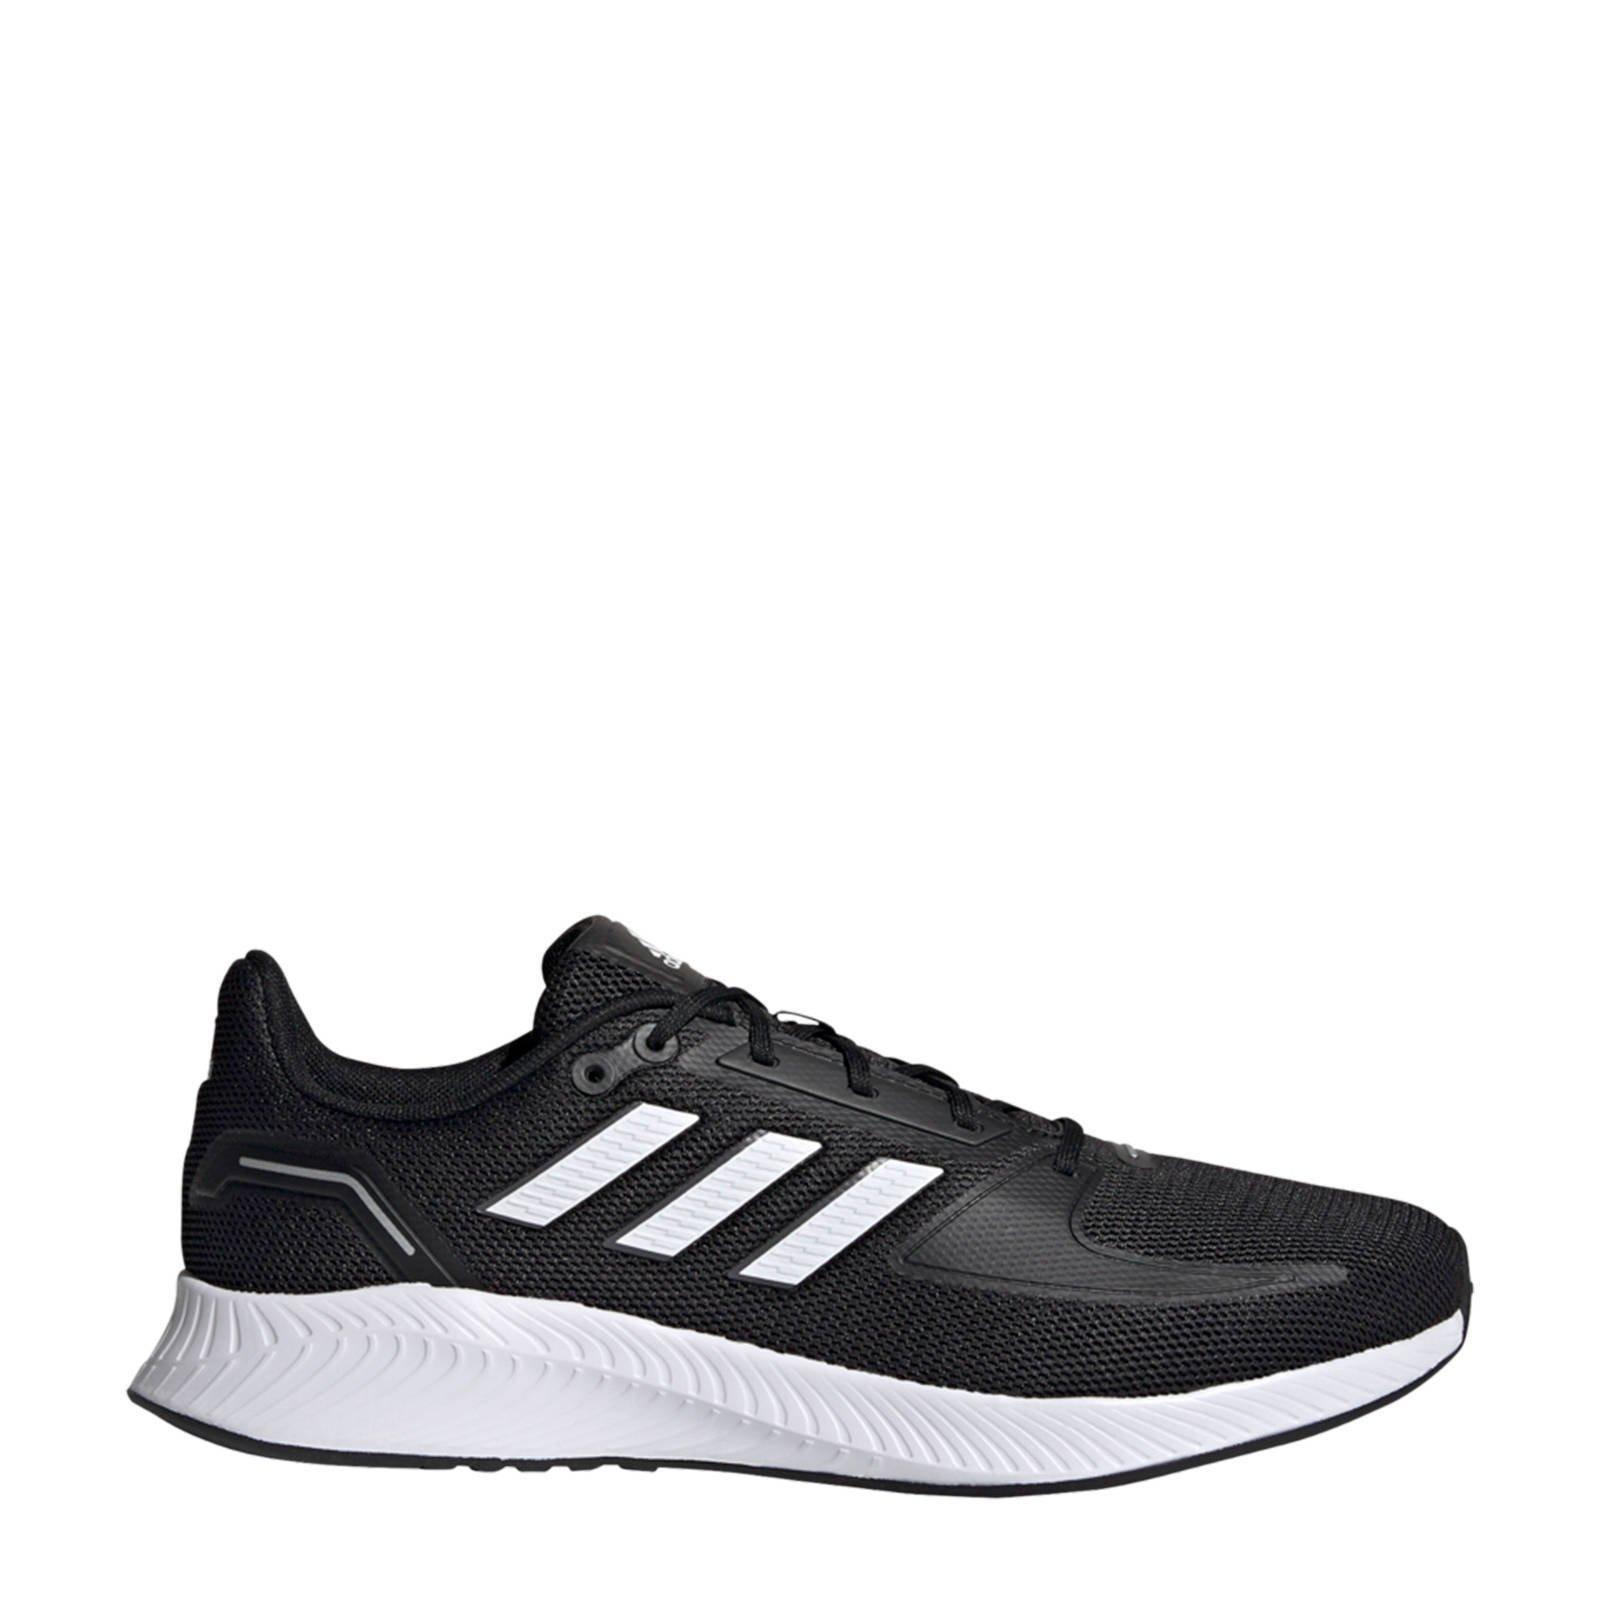 Adidas Performance Runfalcon 2.0 hardloopschoenen zwart/wit/grijs online kopen